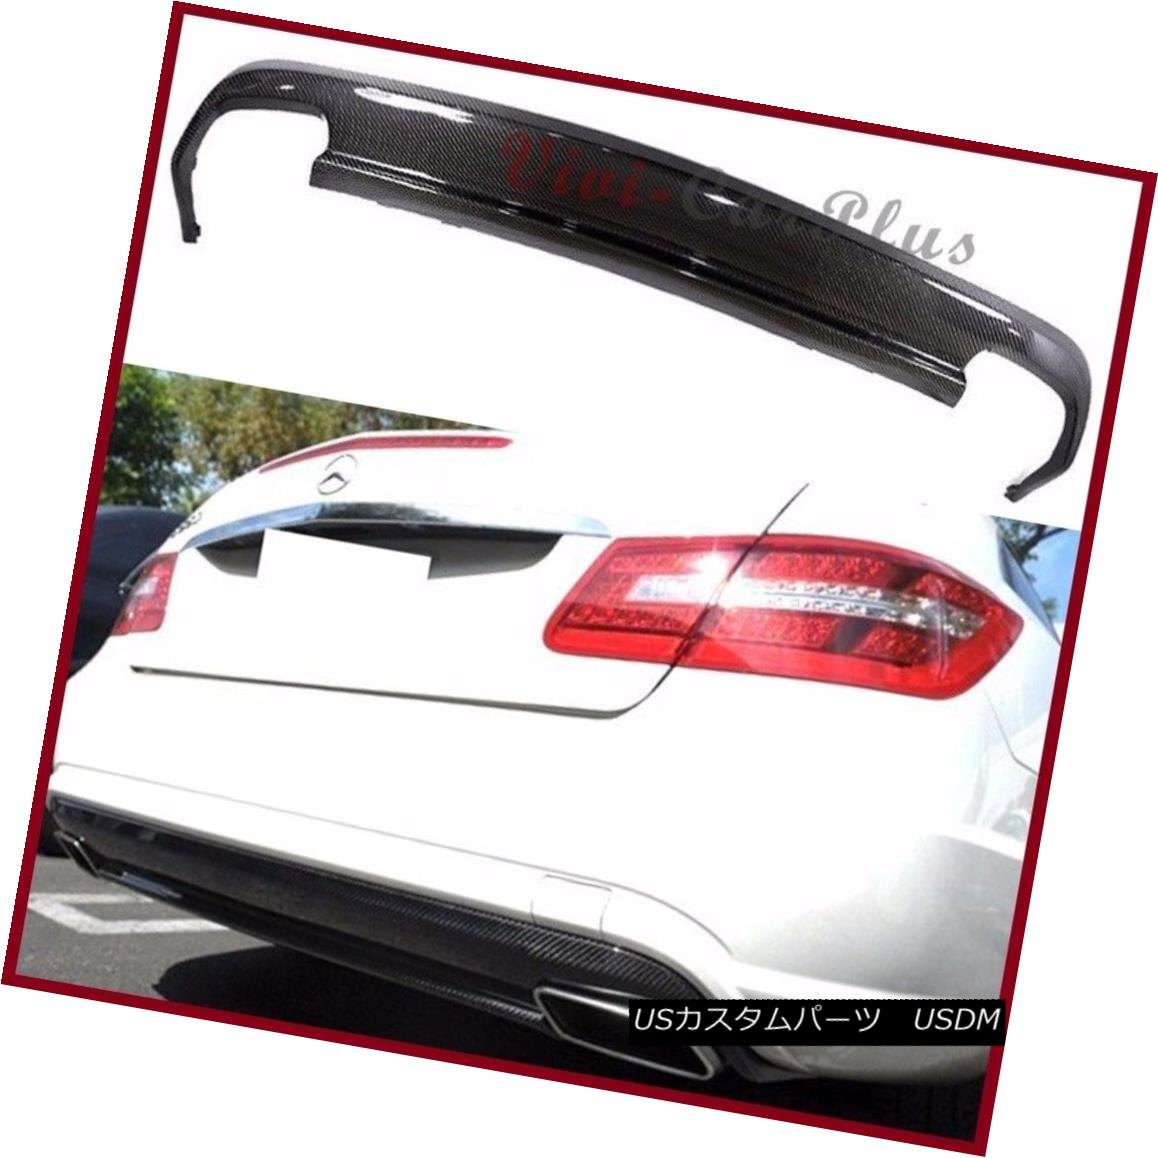 エアロパーツ Carbon Fiber AMG Look Rear Diffuser For 10-13 Benz W207 C207 E350 E550 Coupe 2DR カーボンファイバーAMGルーフディフューザー10-13ベンツW207 C207 E350 E550クーペ2DR